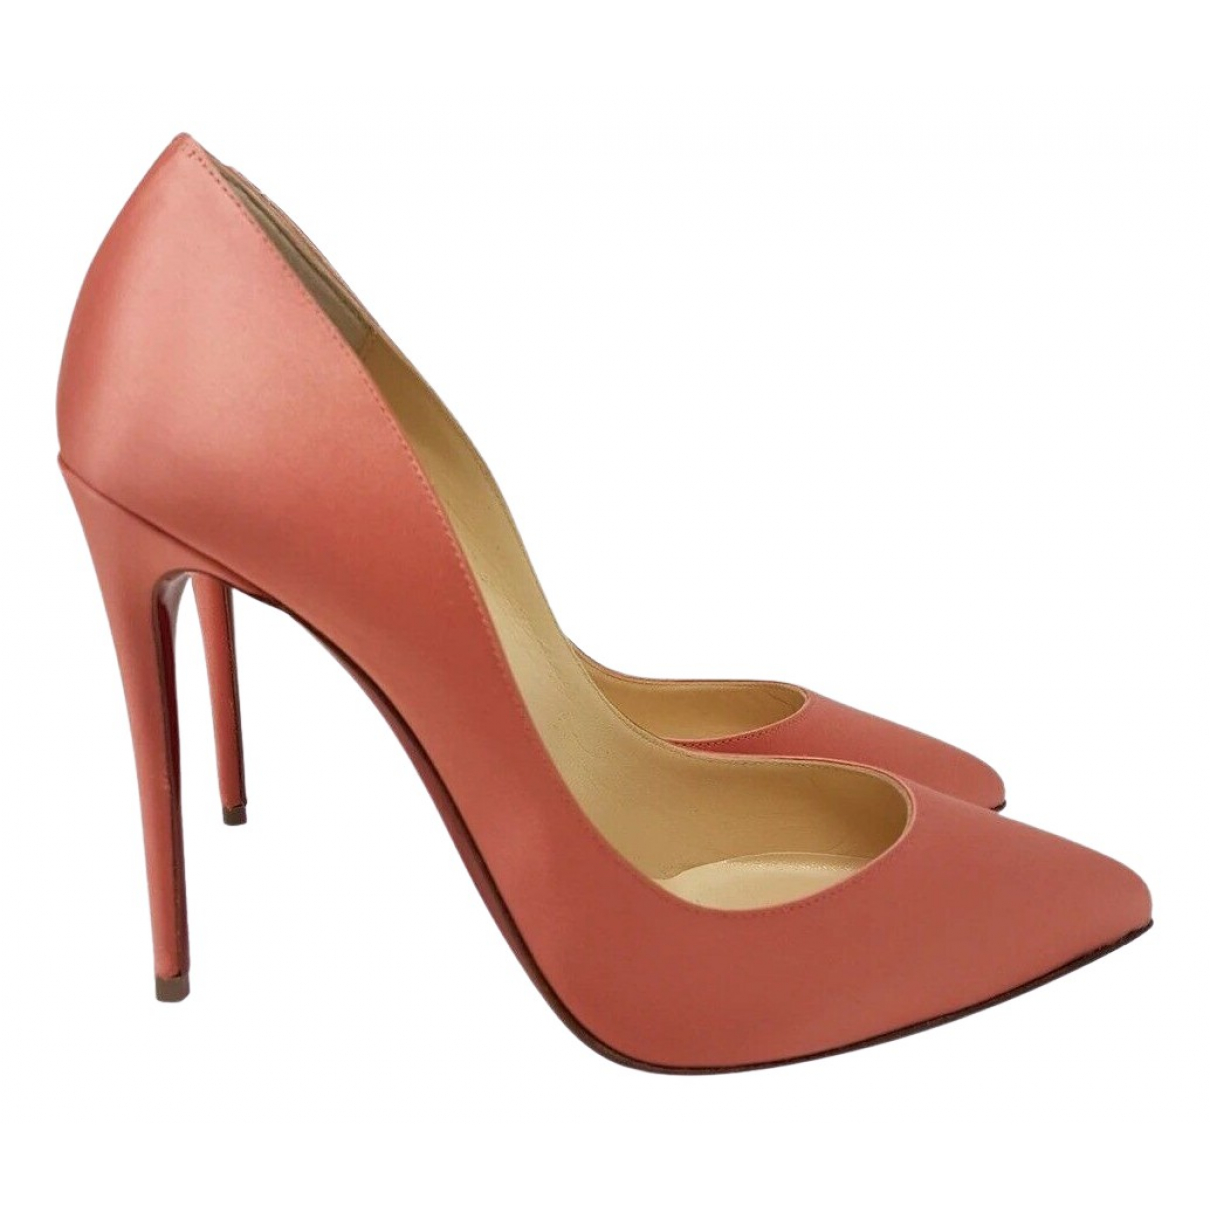 Christian Louboutin - Escarpins Pigalle pour femme en toile - rose